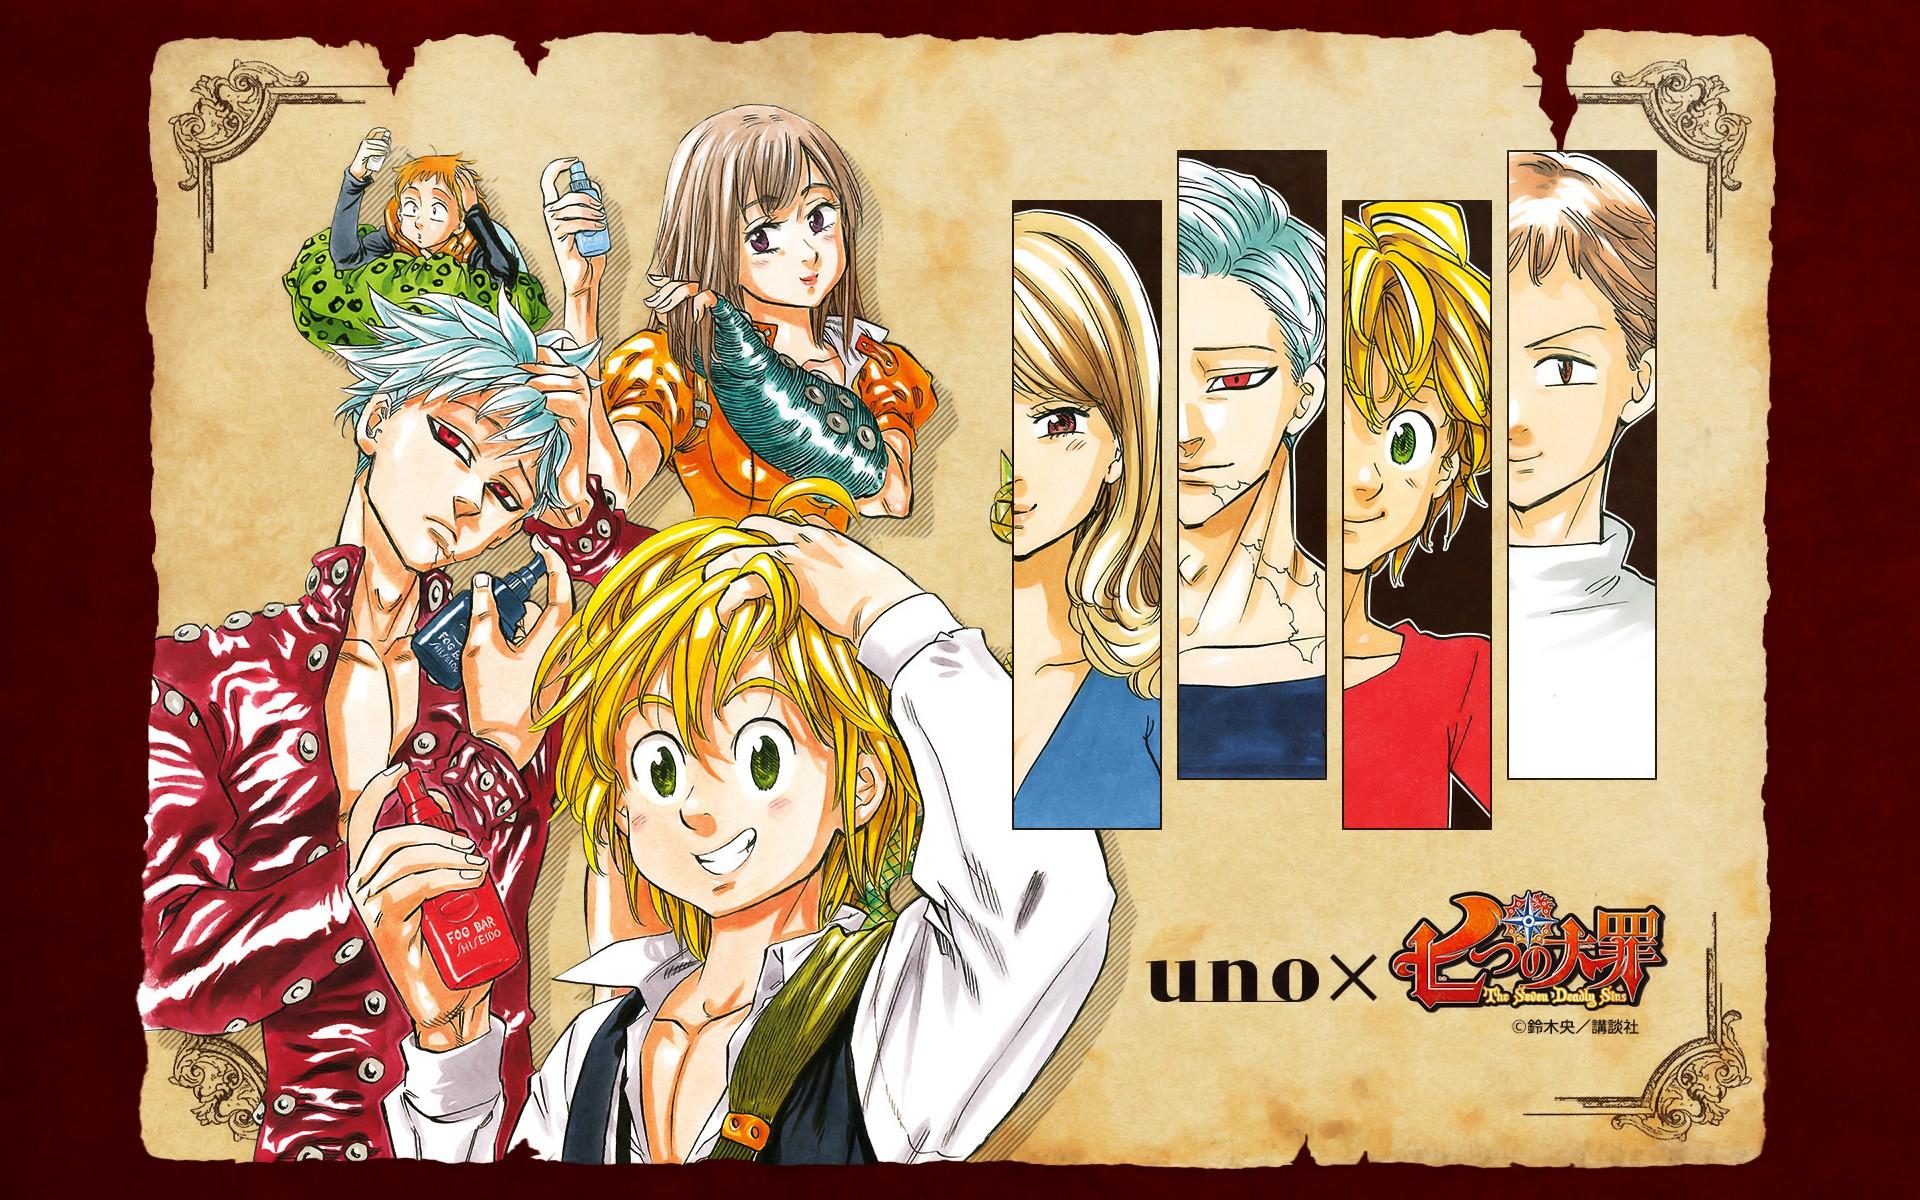 Wallpaper Illustration Anime Girls Anime Boys Collage